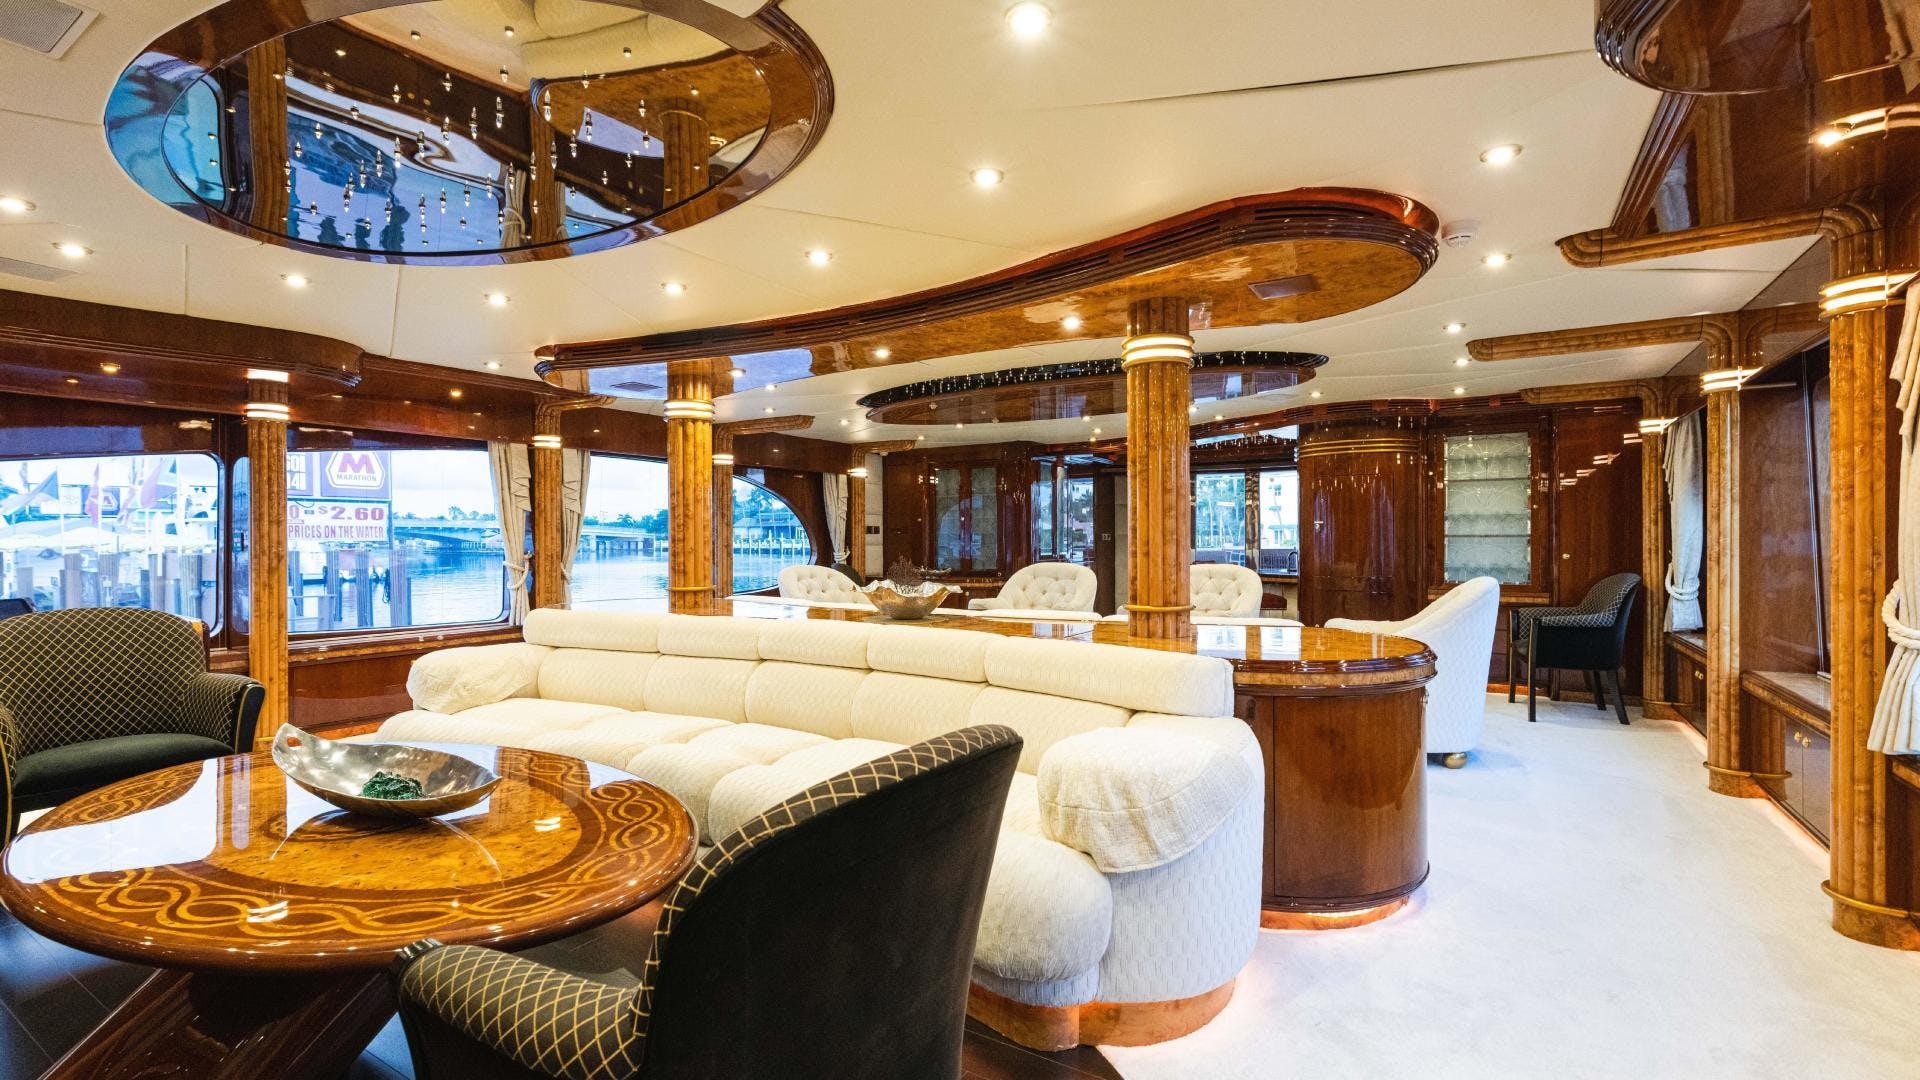 2003 Millennium Super Yachts 118' Raised Pilothouse Arthur's Way | Picture 4 of 54